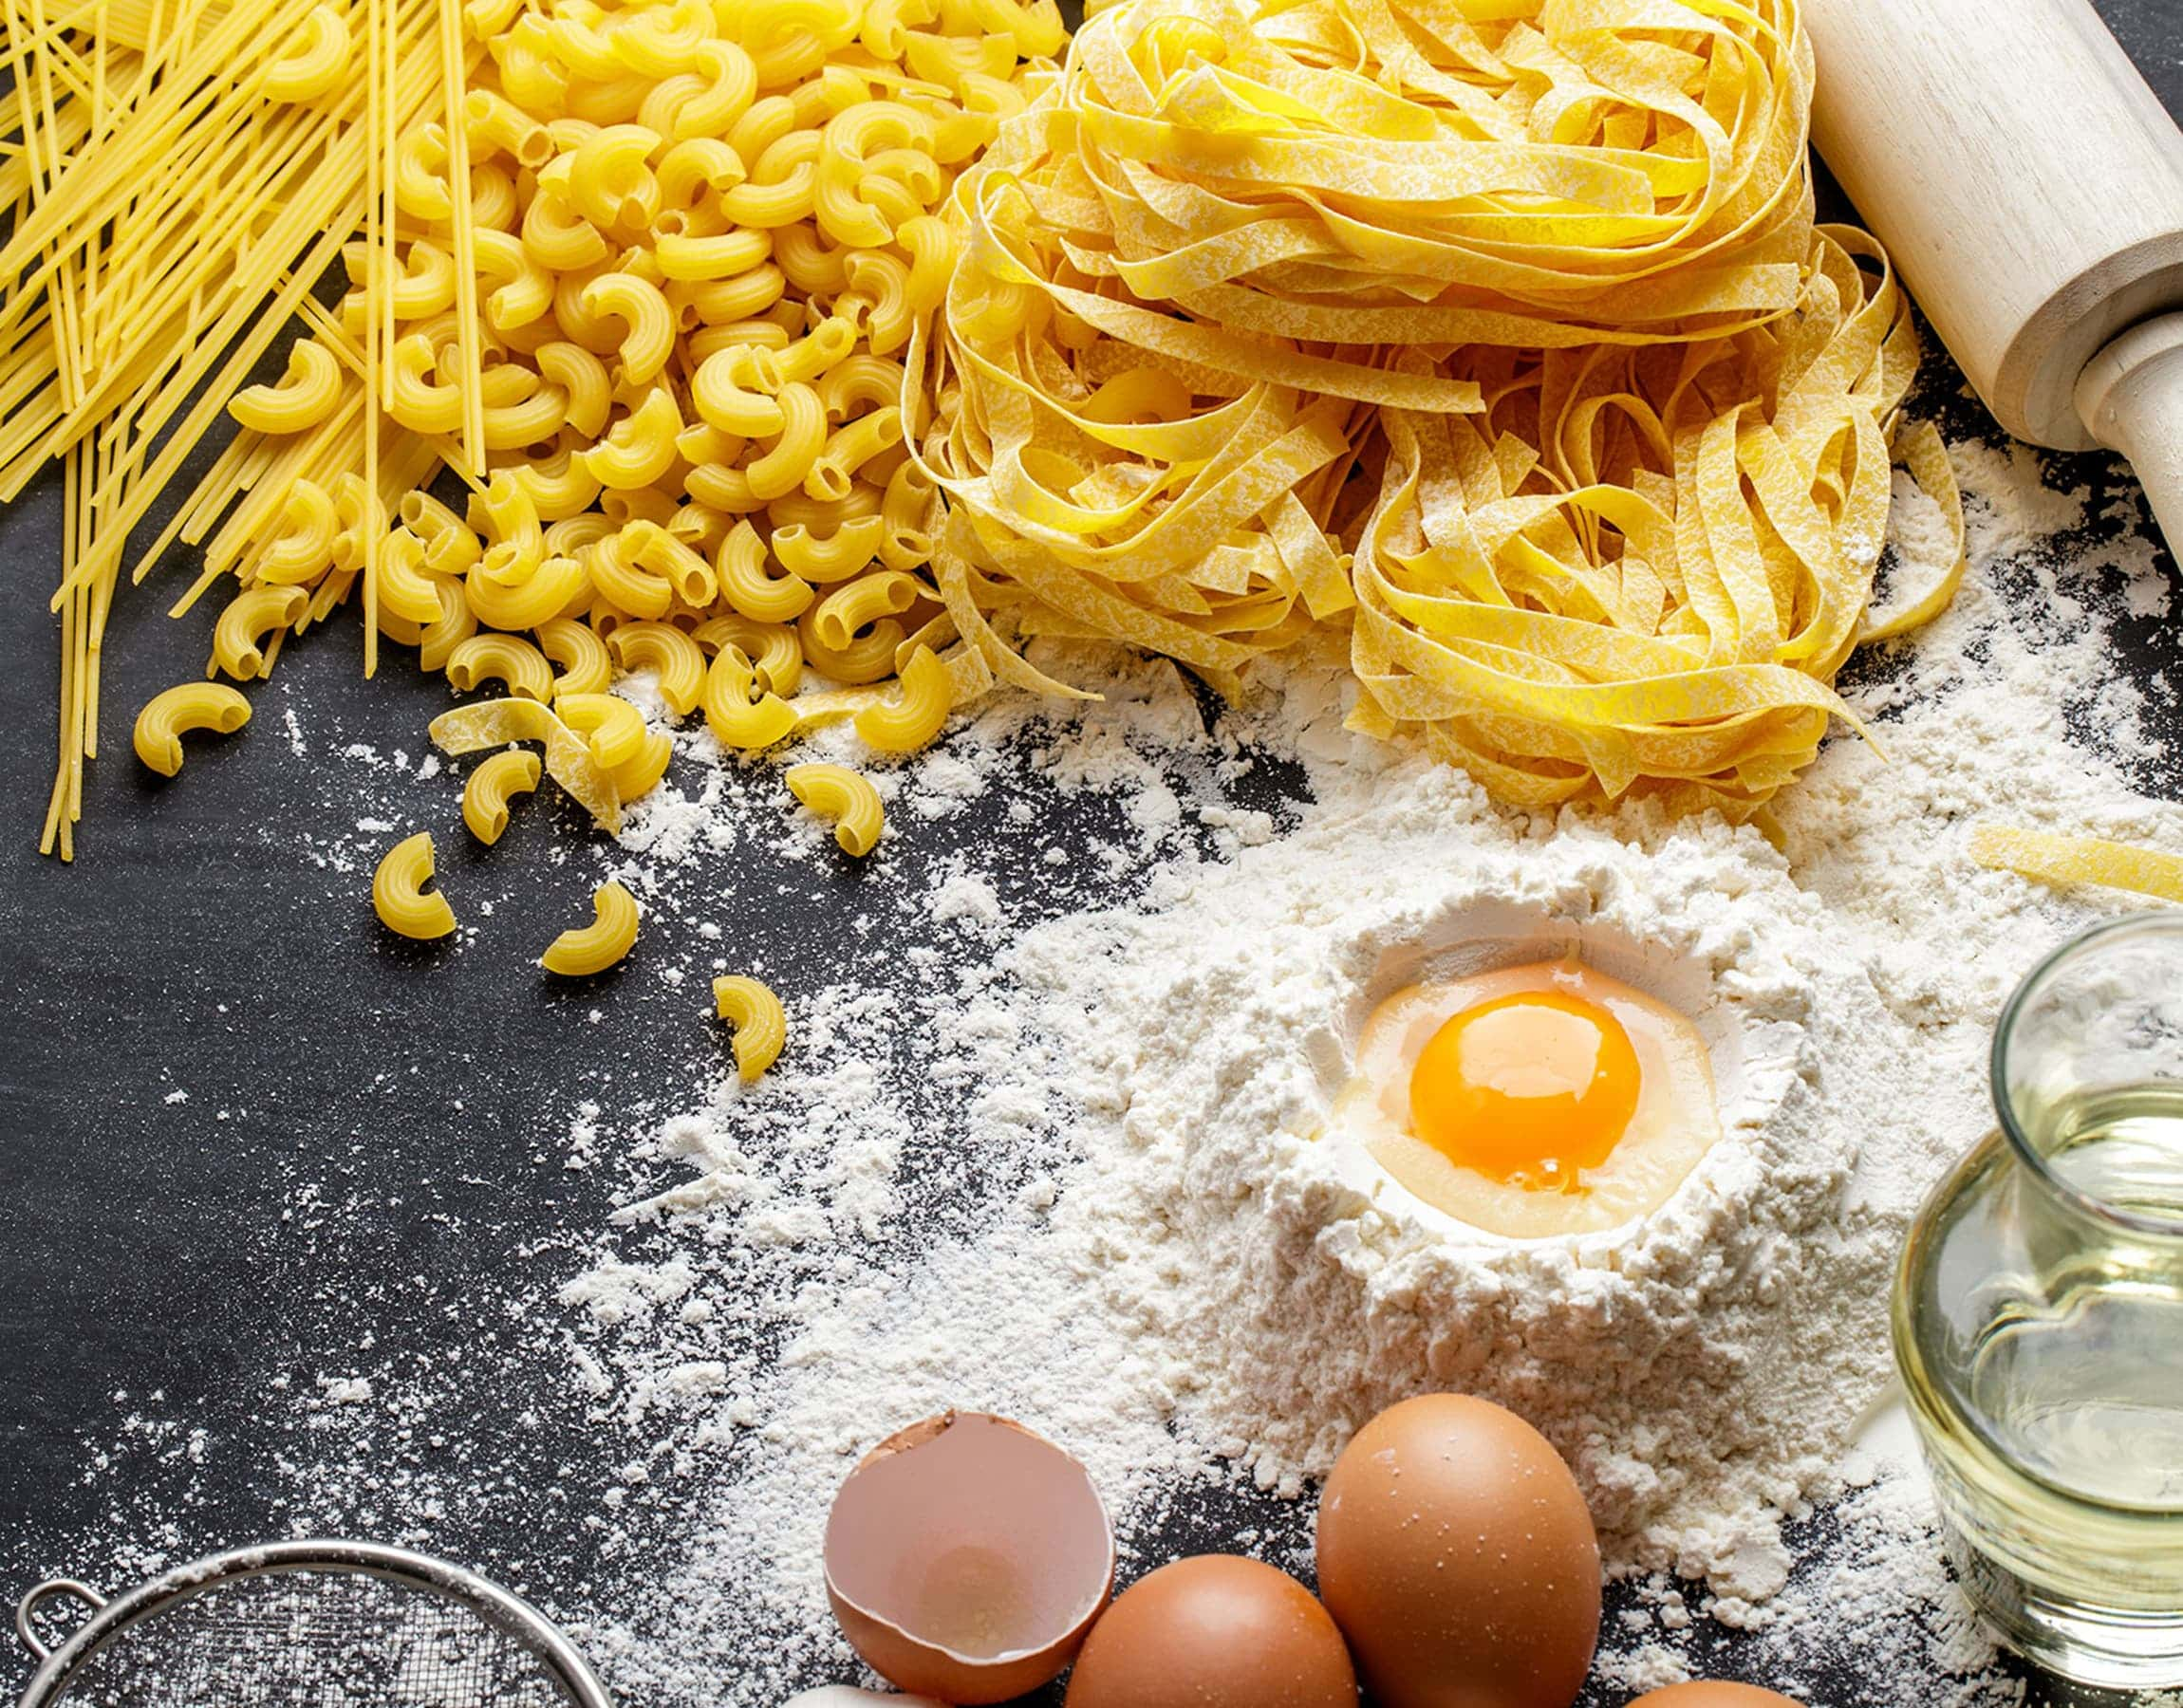 Tavolo per preparare la pasta con farina, uova, acqua e mattarello